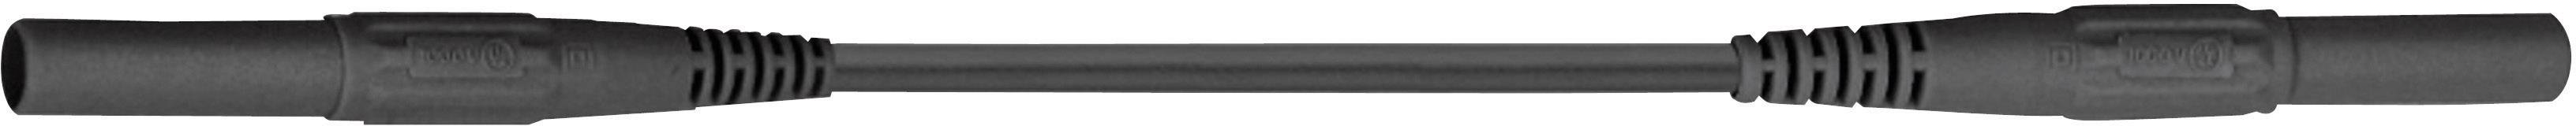 Merací silikónový kábel Multicontact XMS-419, 2,5 mm², čierny, 1,5 m